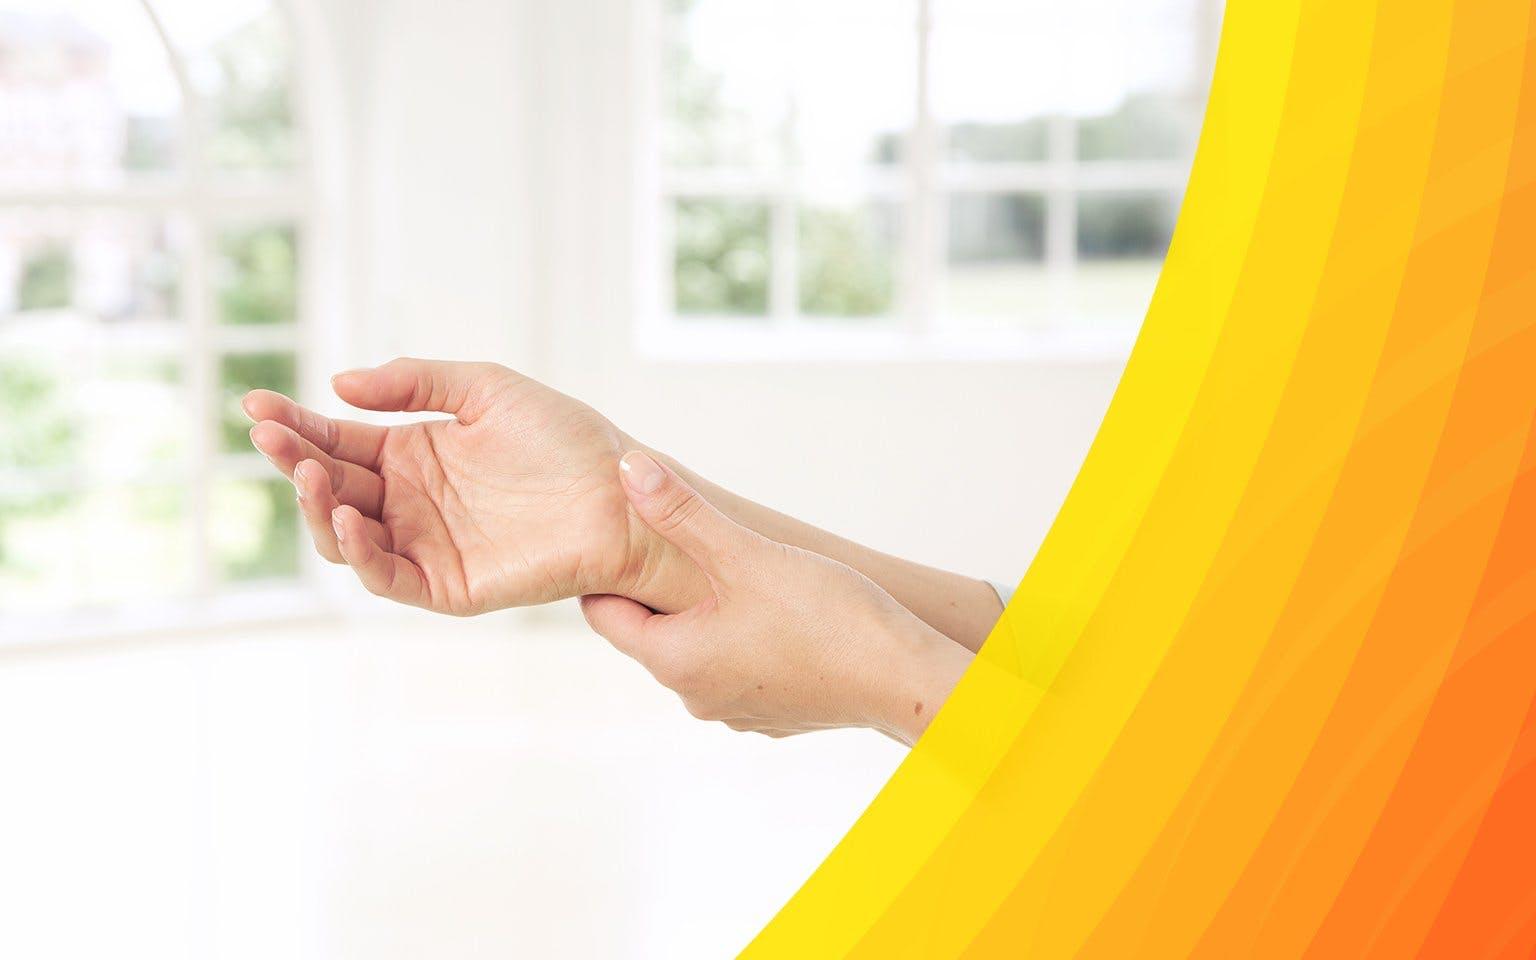 Kobieta łapiąca się za bolący nadgarstek